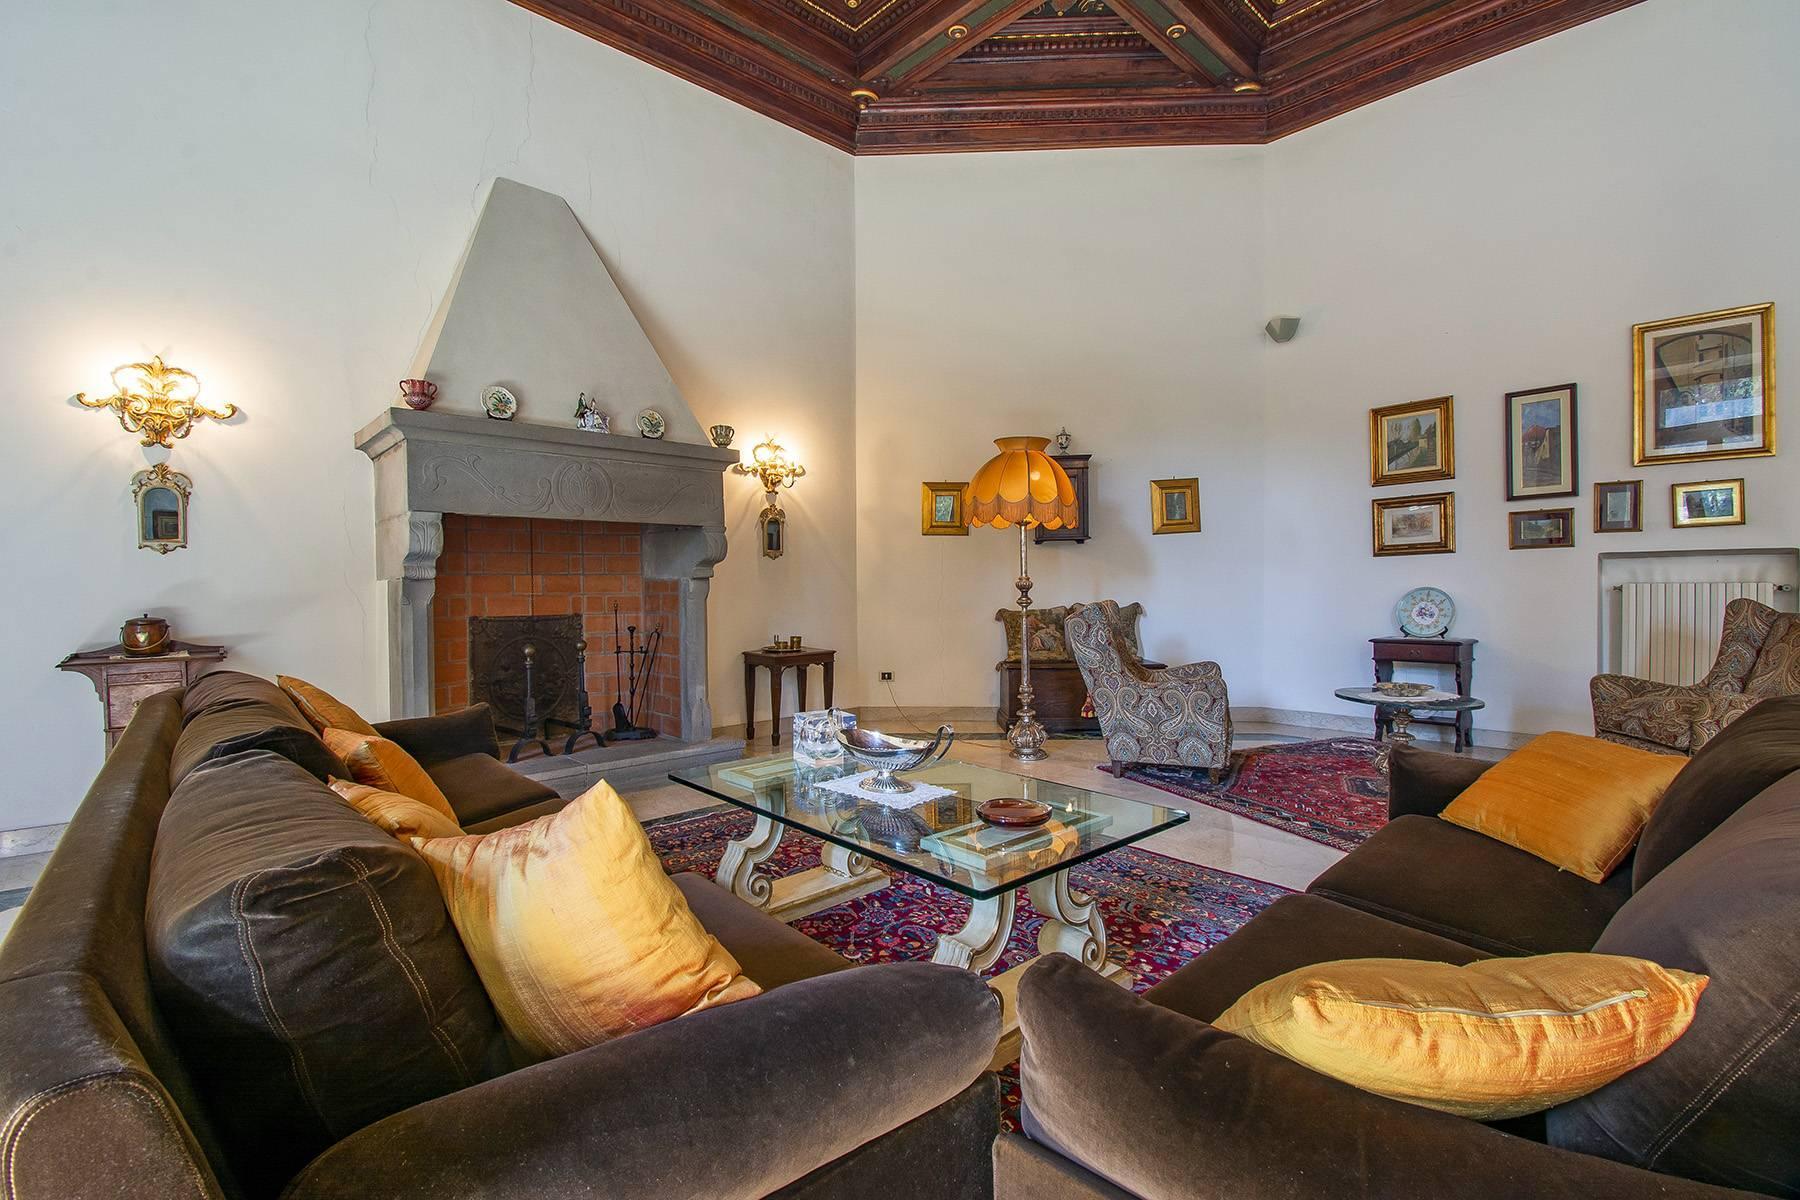 Exquisite apartment in a historic villa - 3